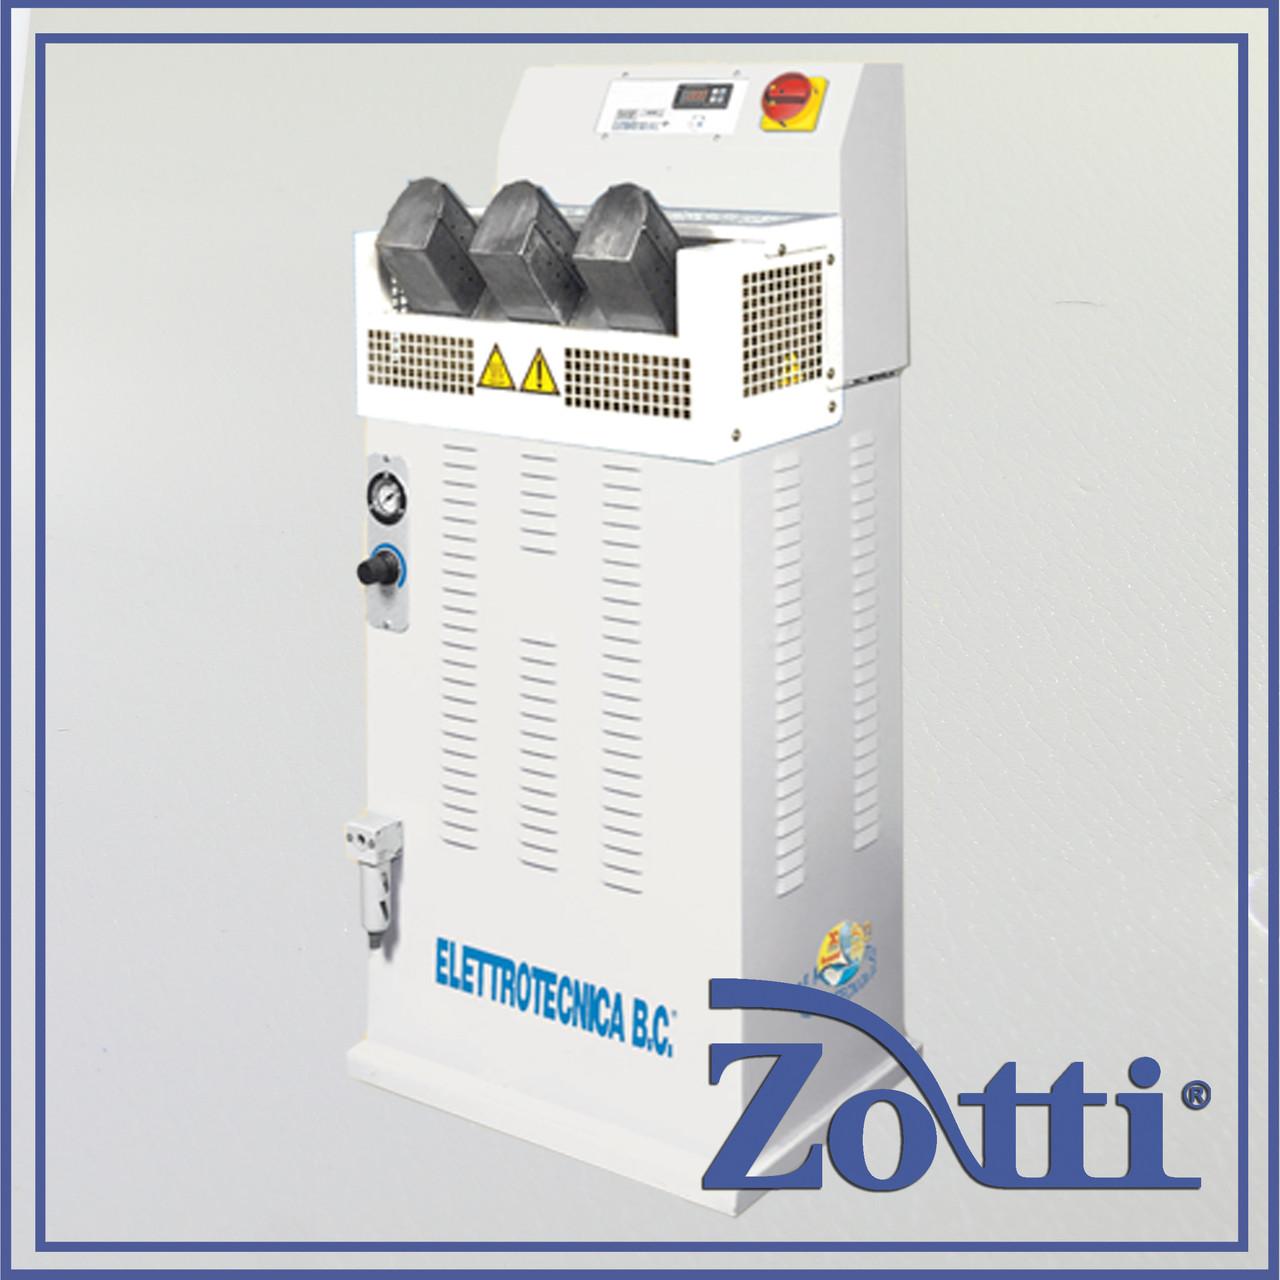 Машина для распарки и реактивации пятки перед затяжки на колодку mod. 232. Elettrotecnica 232 (Италия)